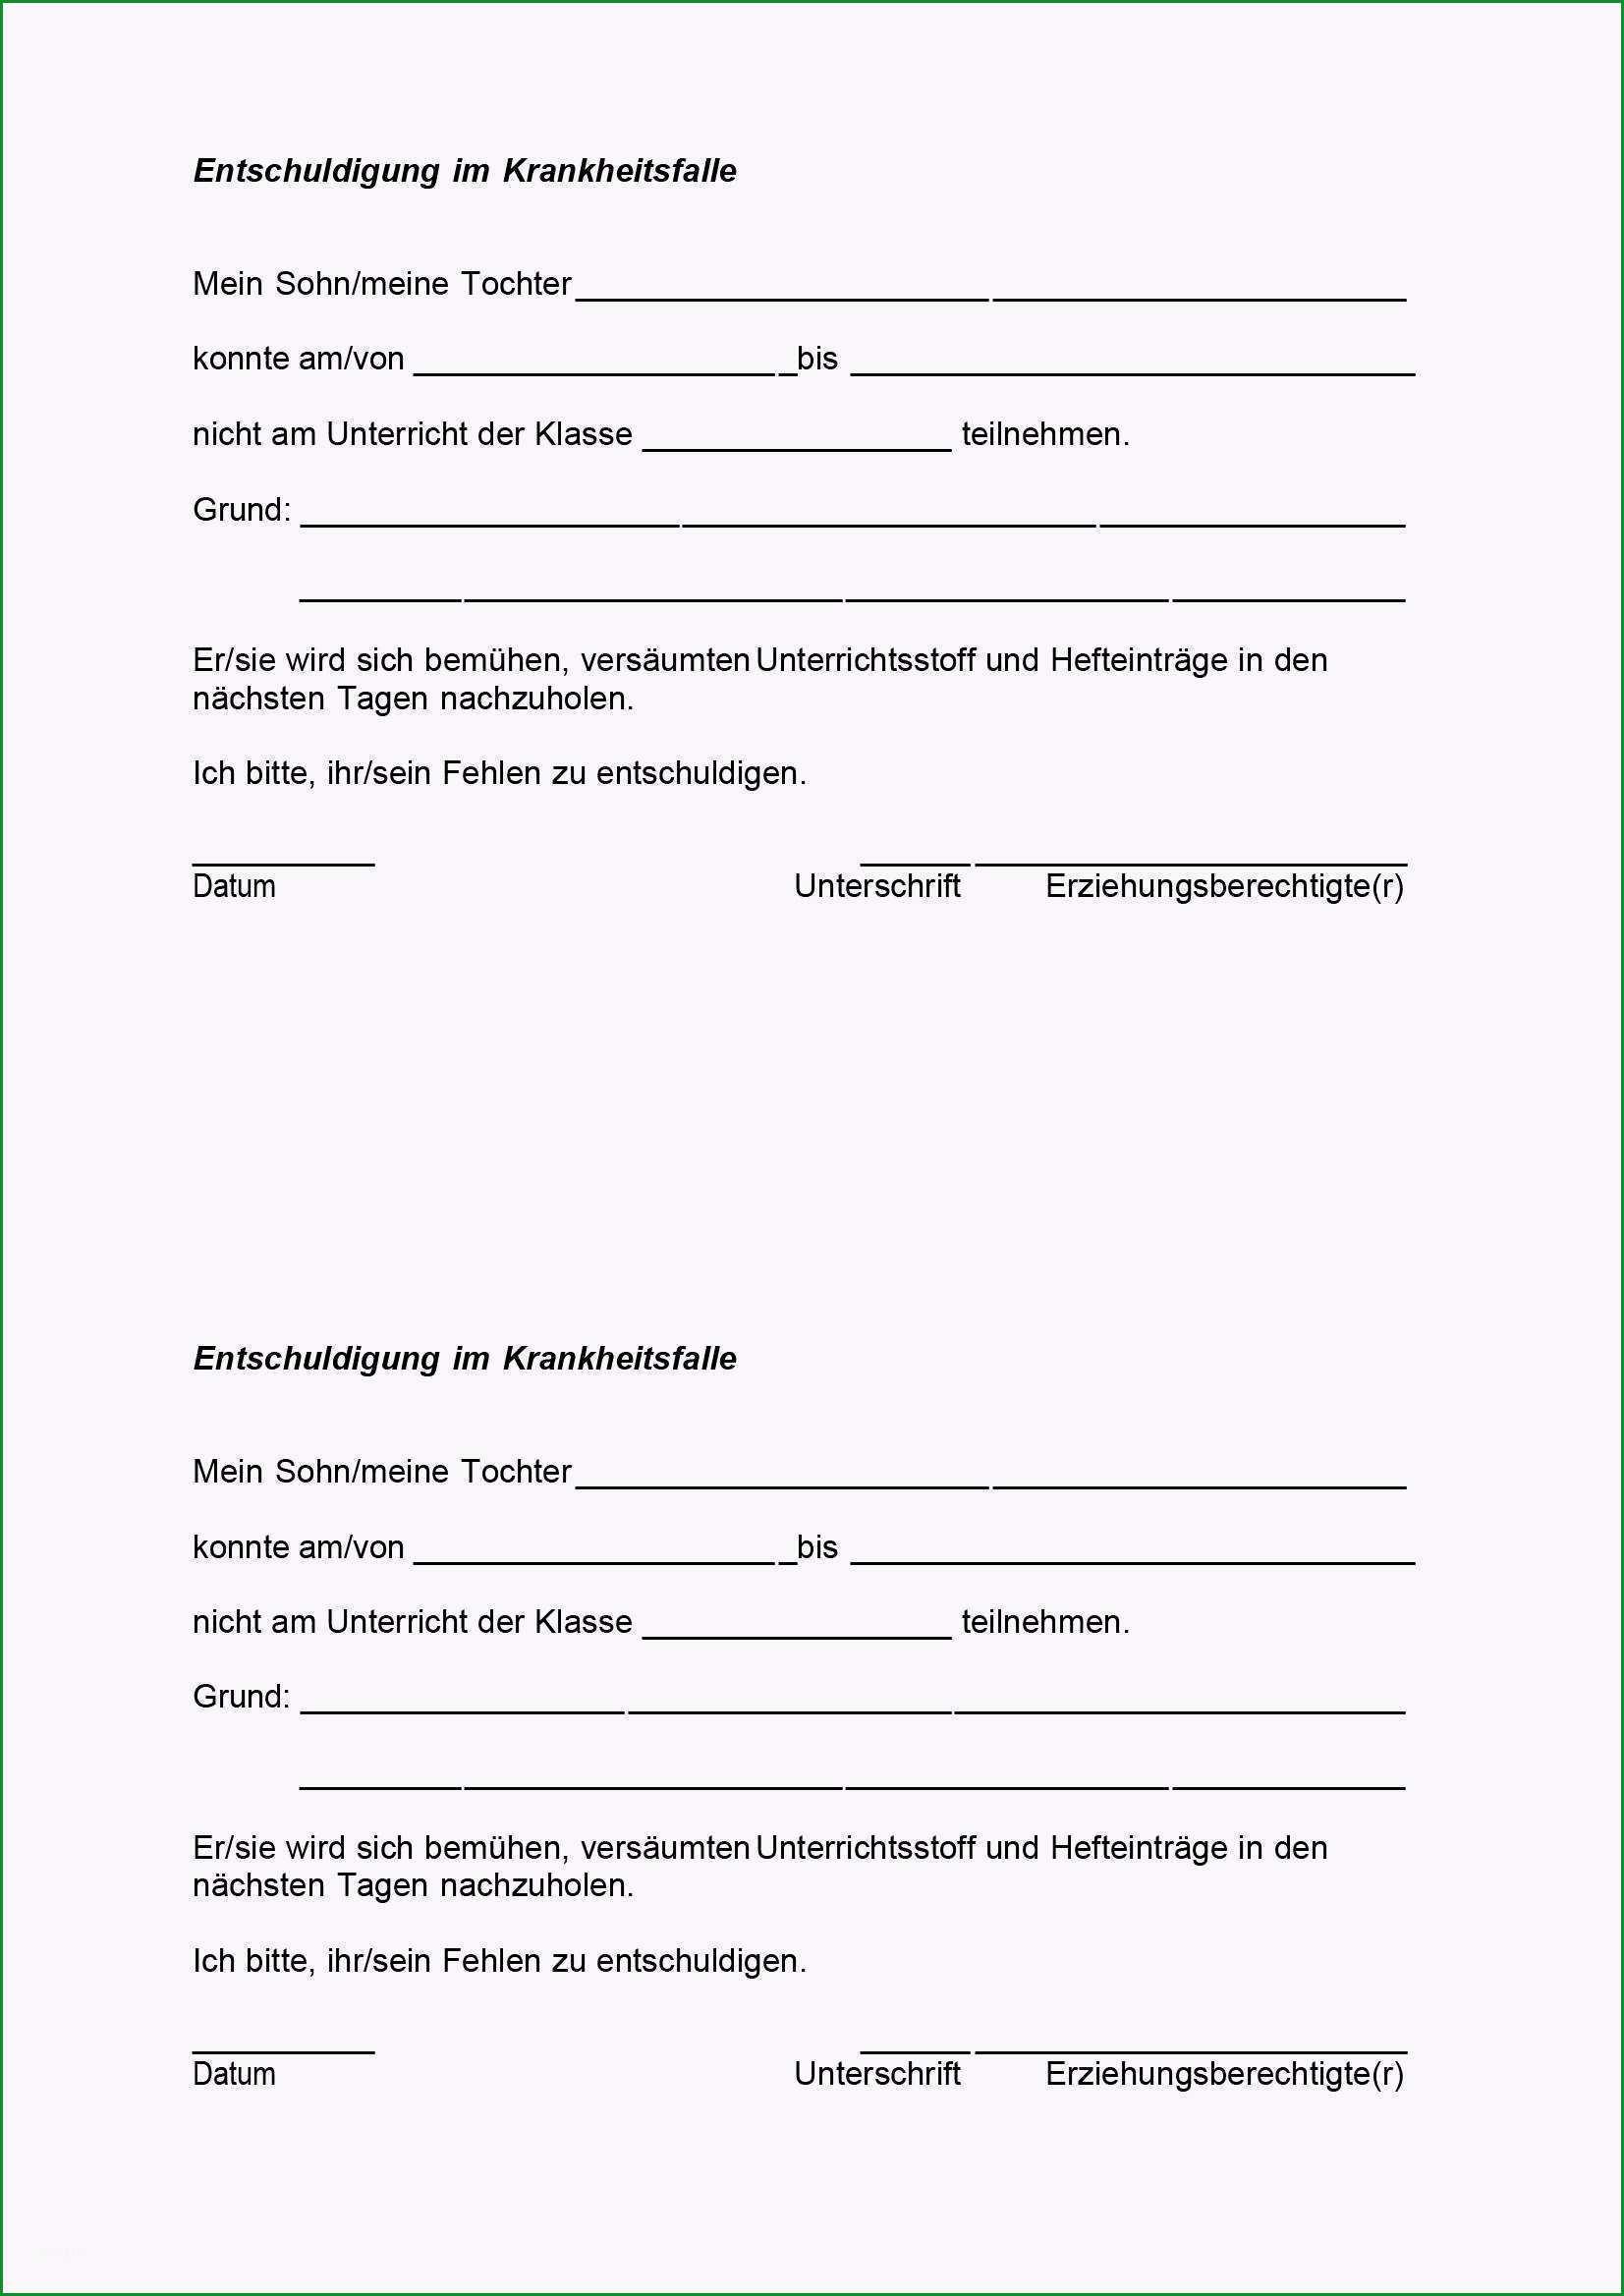 entschuldigung schule vorlage pdf angenehm information entschuldigung und unterrichtsbefreiung